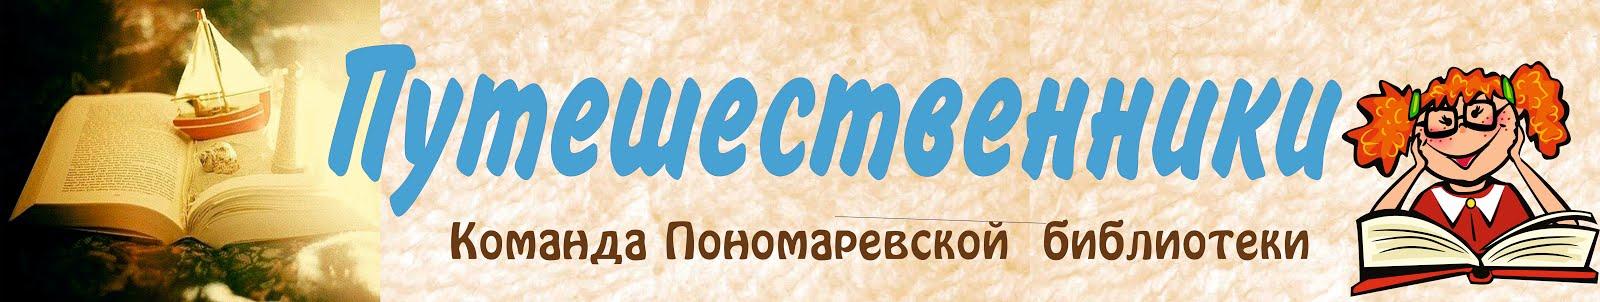 """Конкурс """"Знакомьтесь: Книга юбиляр-2017"""""""